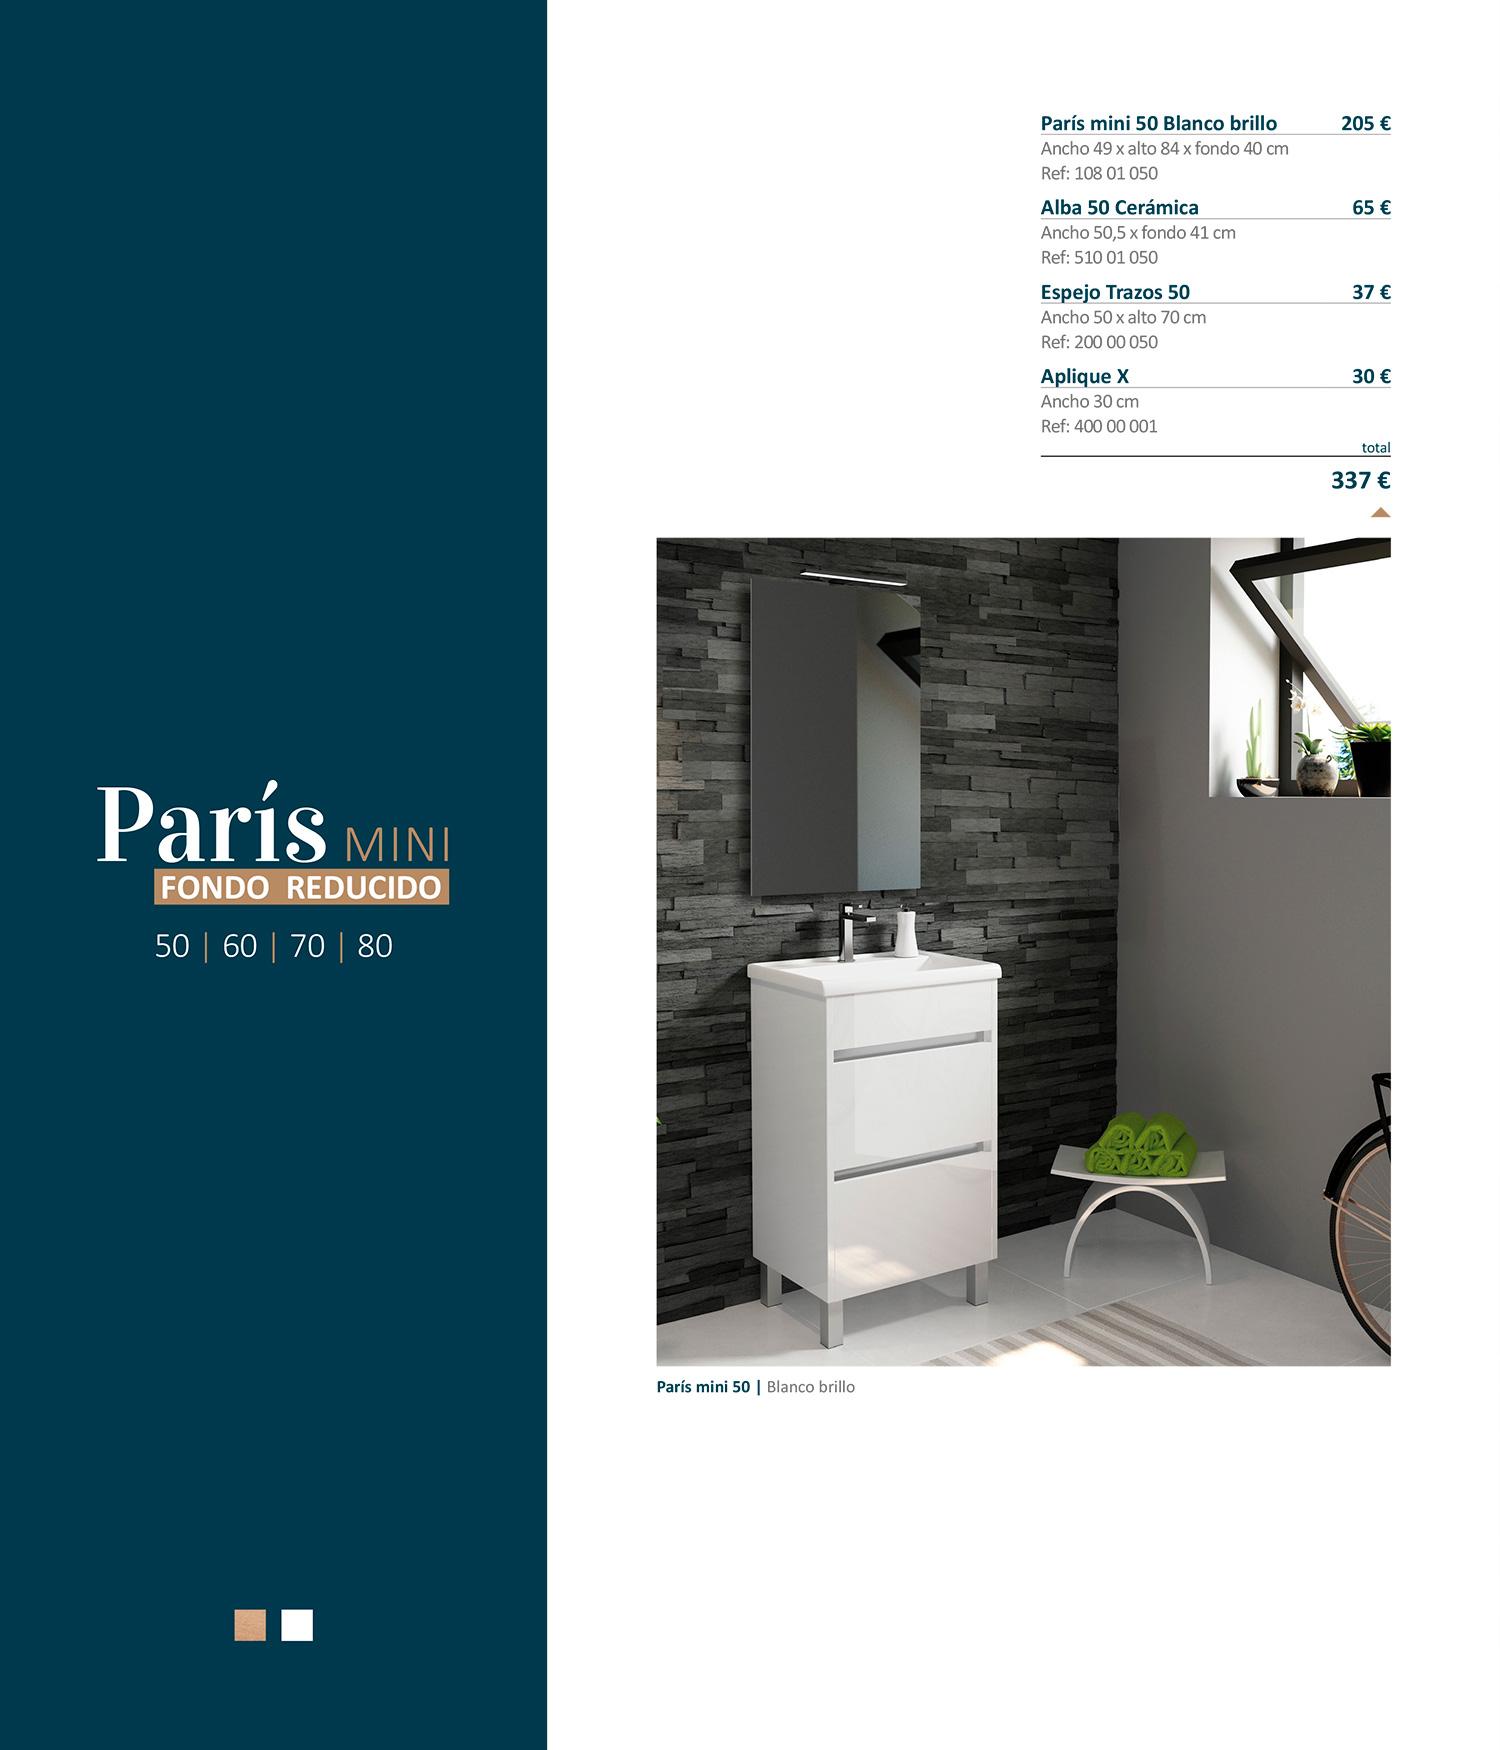 Mueble París Mini Fondo Reducido Sánchez Baños